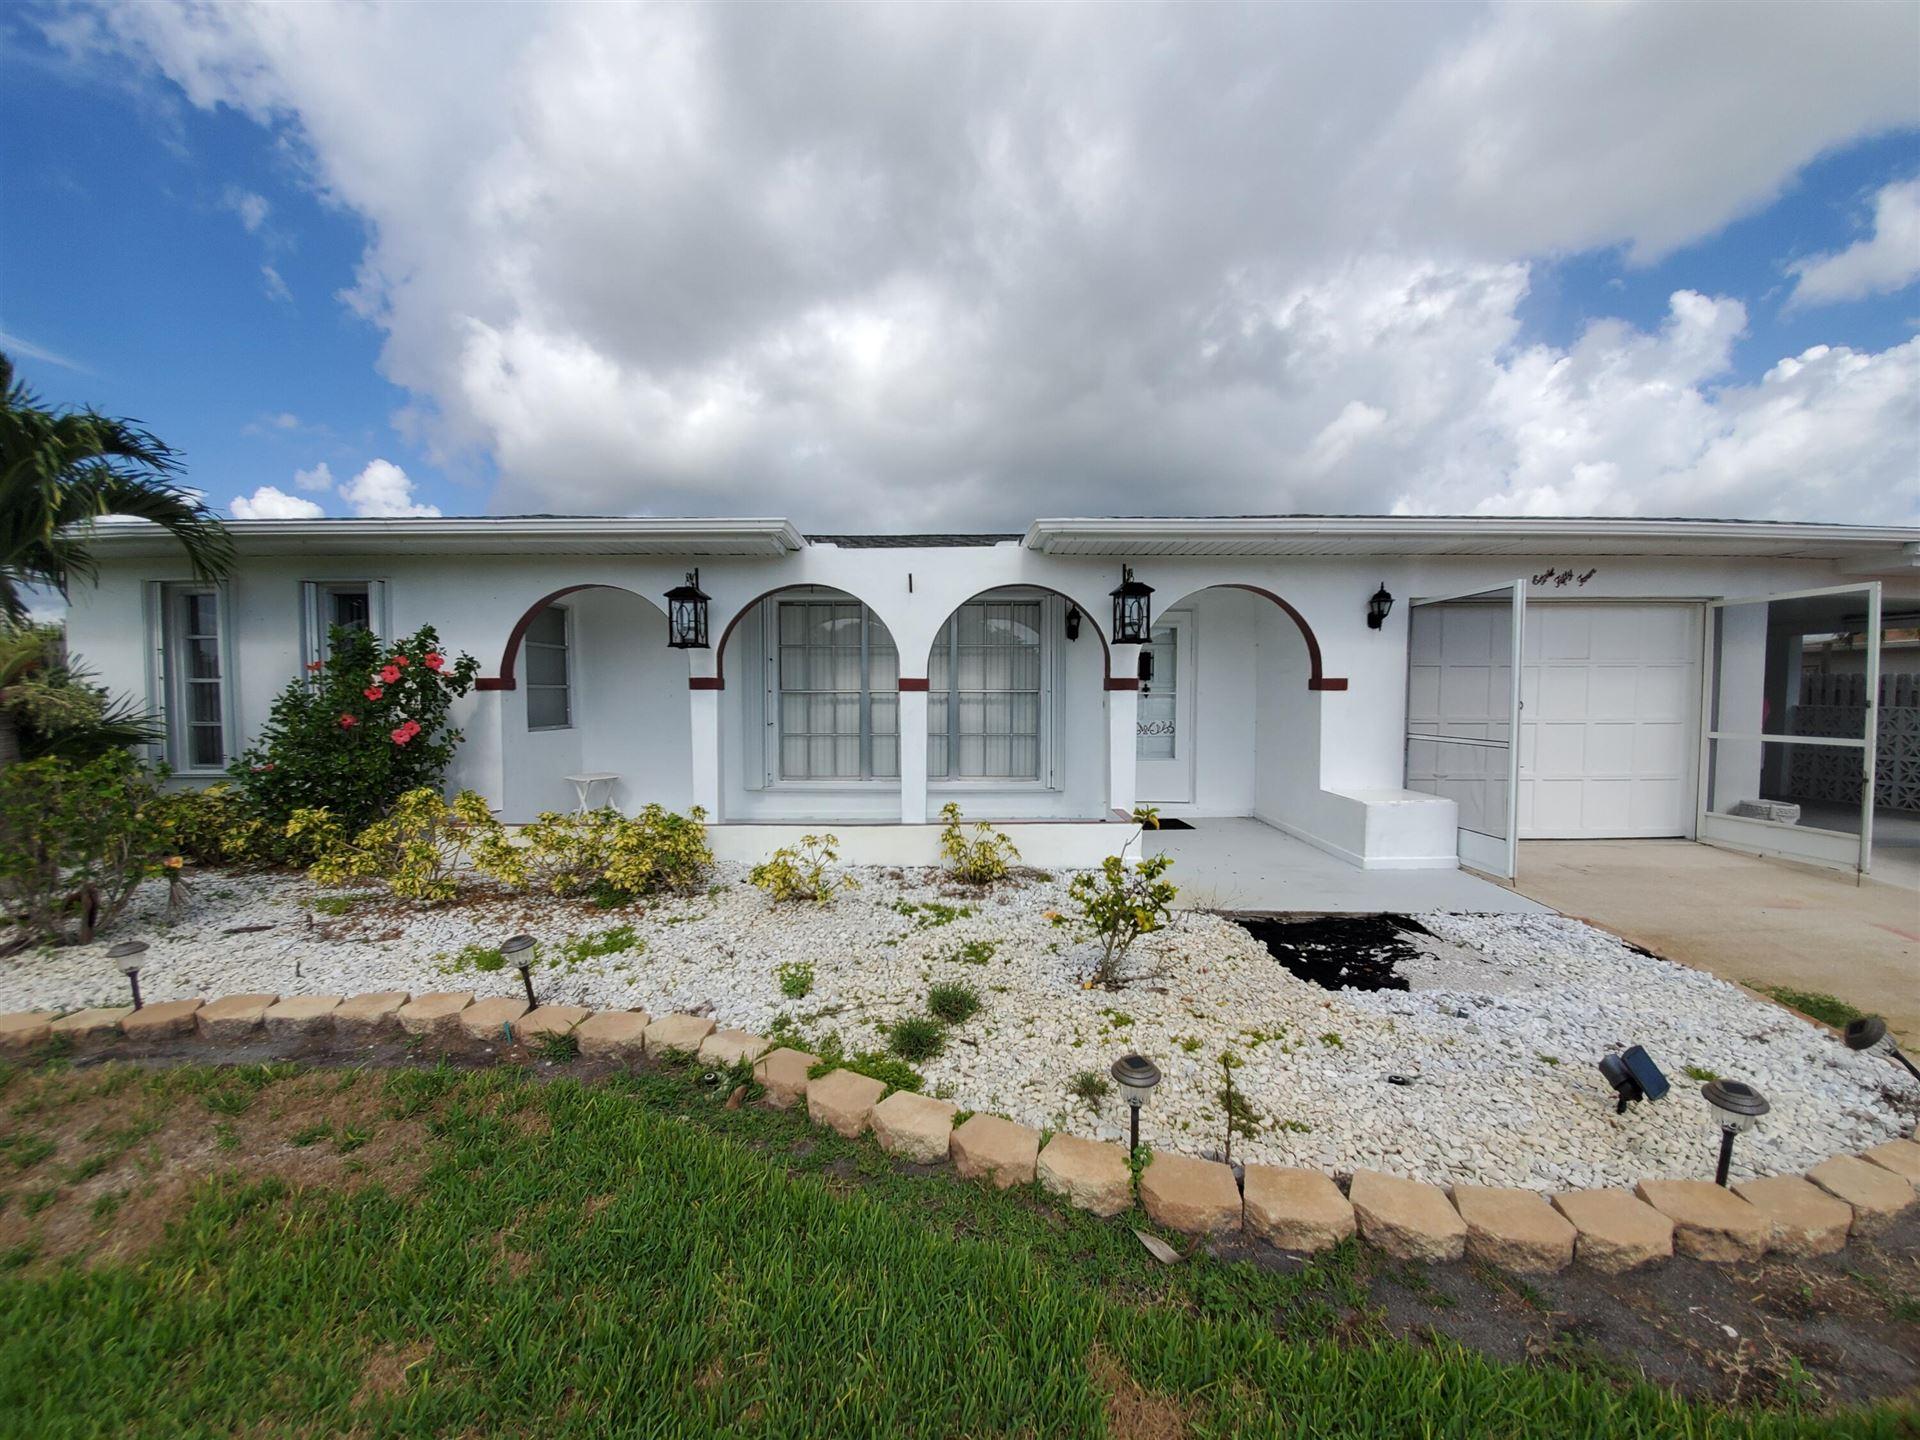 854 SE Corto Terrace, Port Saint Lucie, FL 34983 - #: RX-10712374